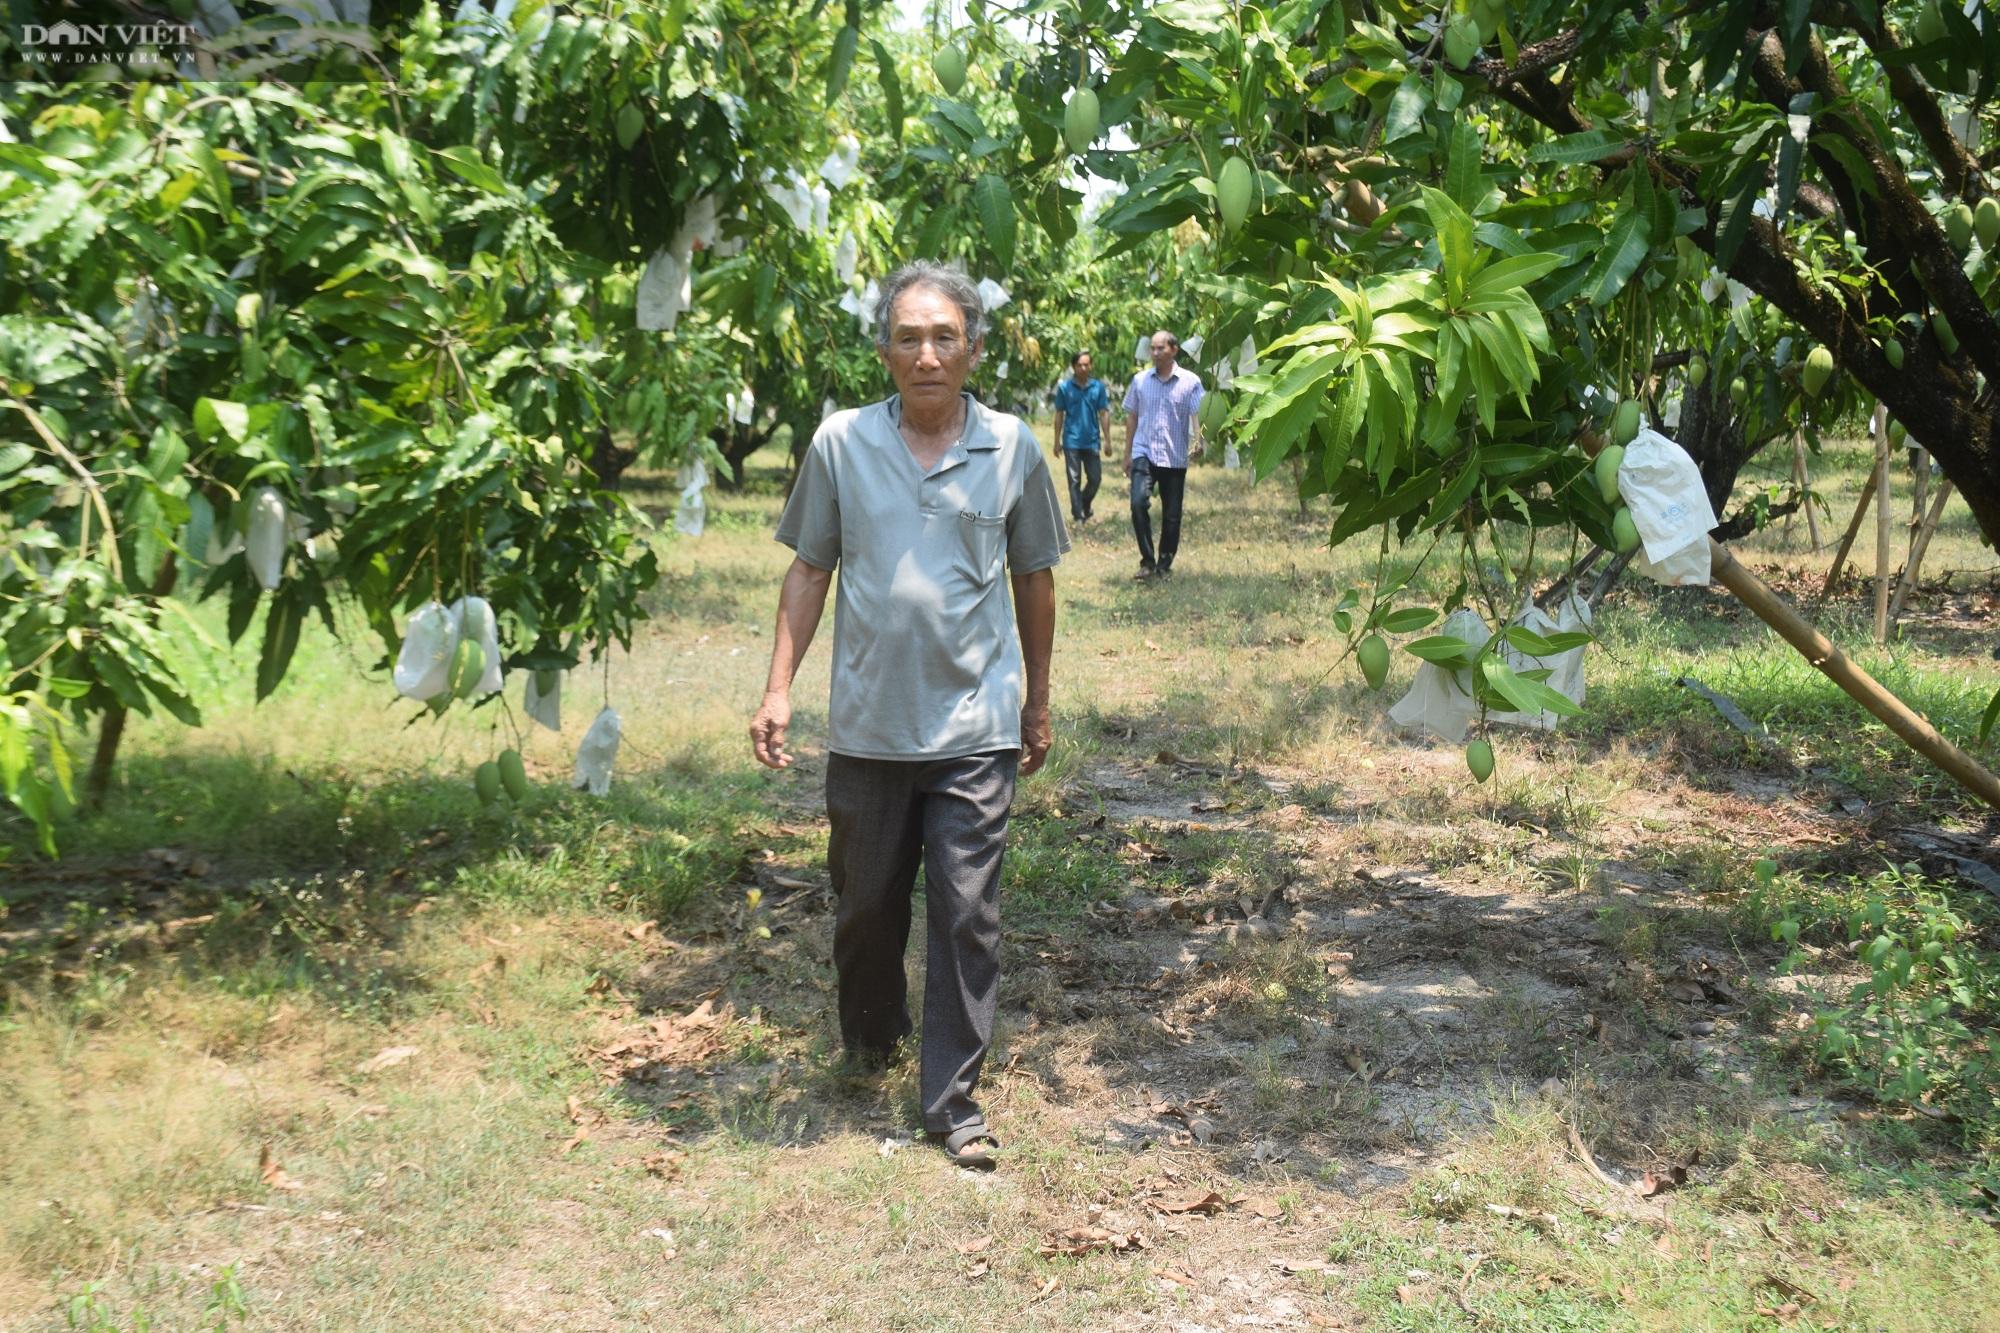 """Bình Định: Ở vùng đất này toàn cát, thế mà nông dân trồng xoài ra chi chít quả, chất lượng thì """"không thể chê"""" - Ảnh 6."""